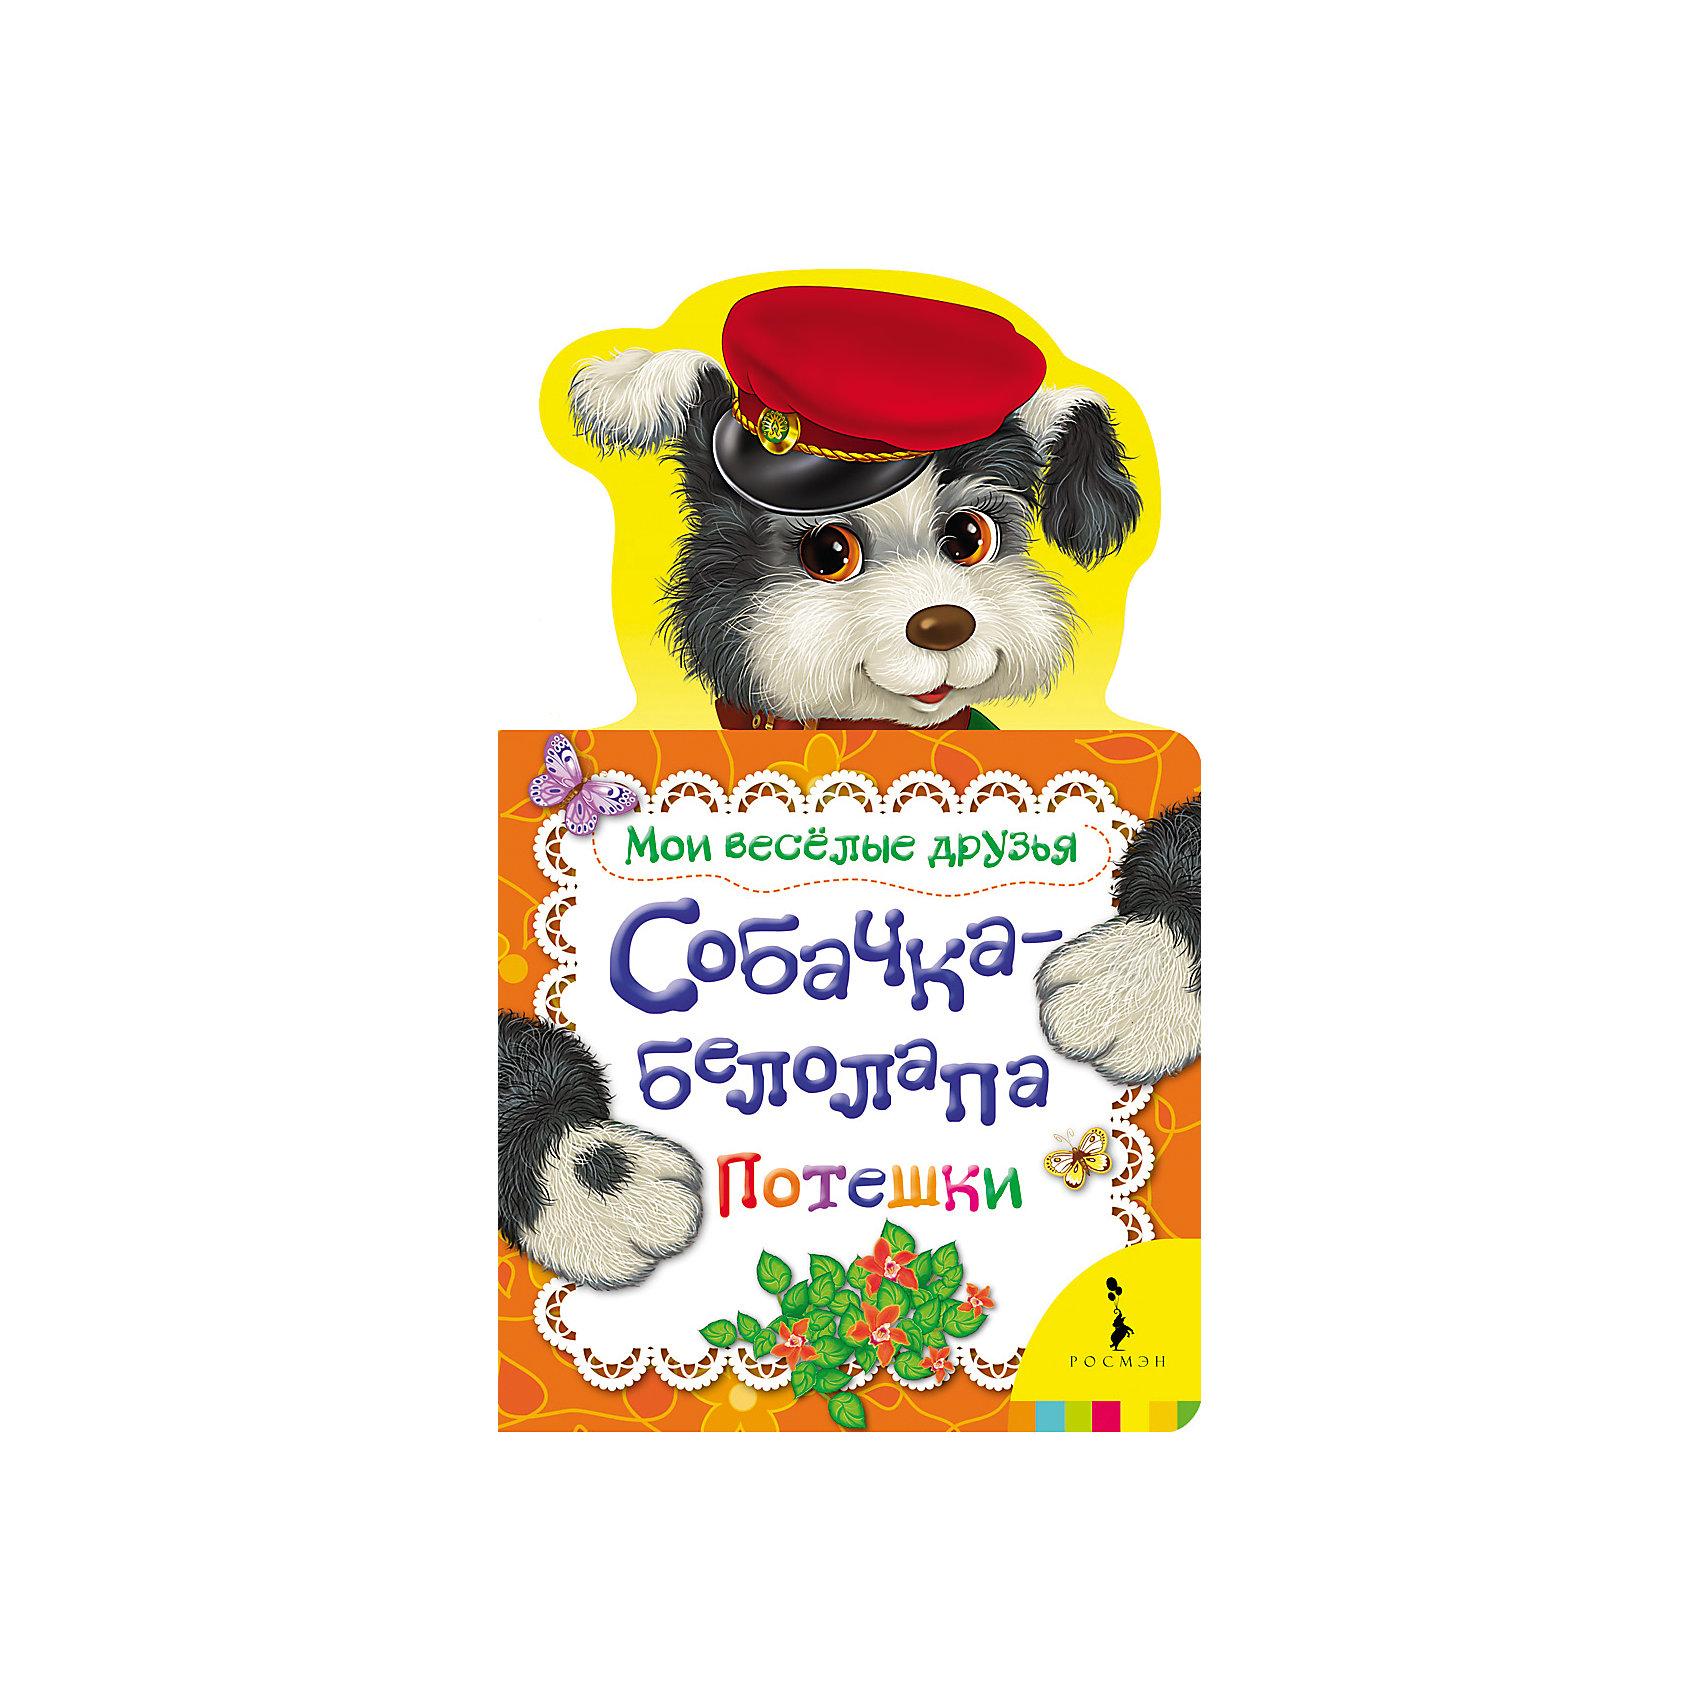 Собачка - белолапа, Мои веселые друзья